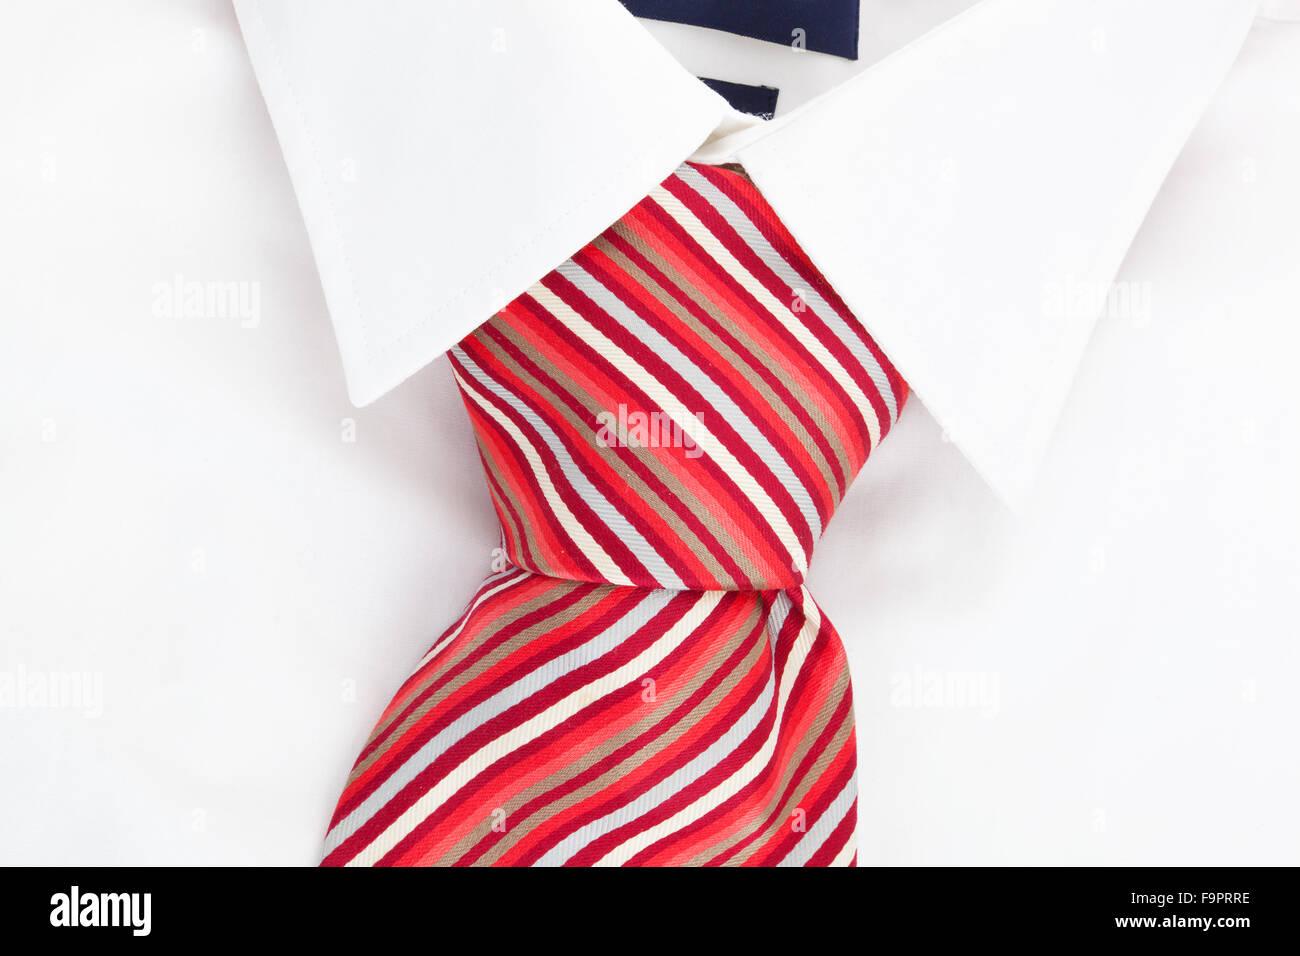 La camicia e cravatta. Carriera Immagini Stock